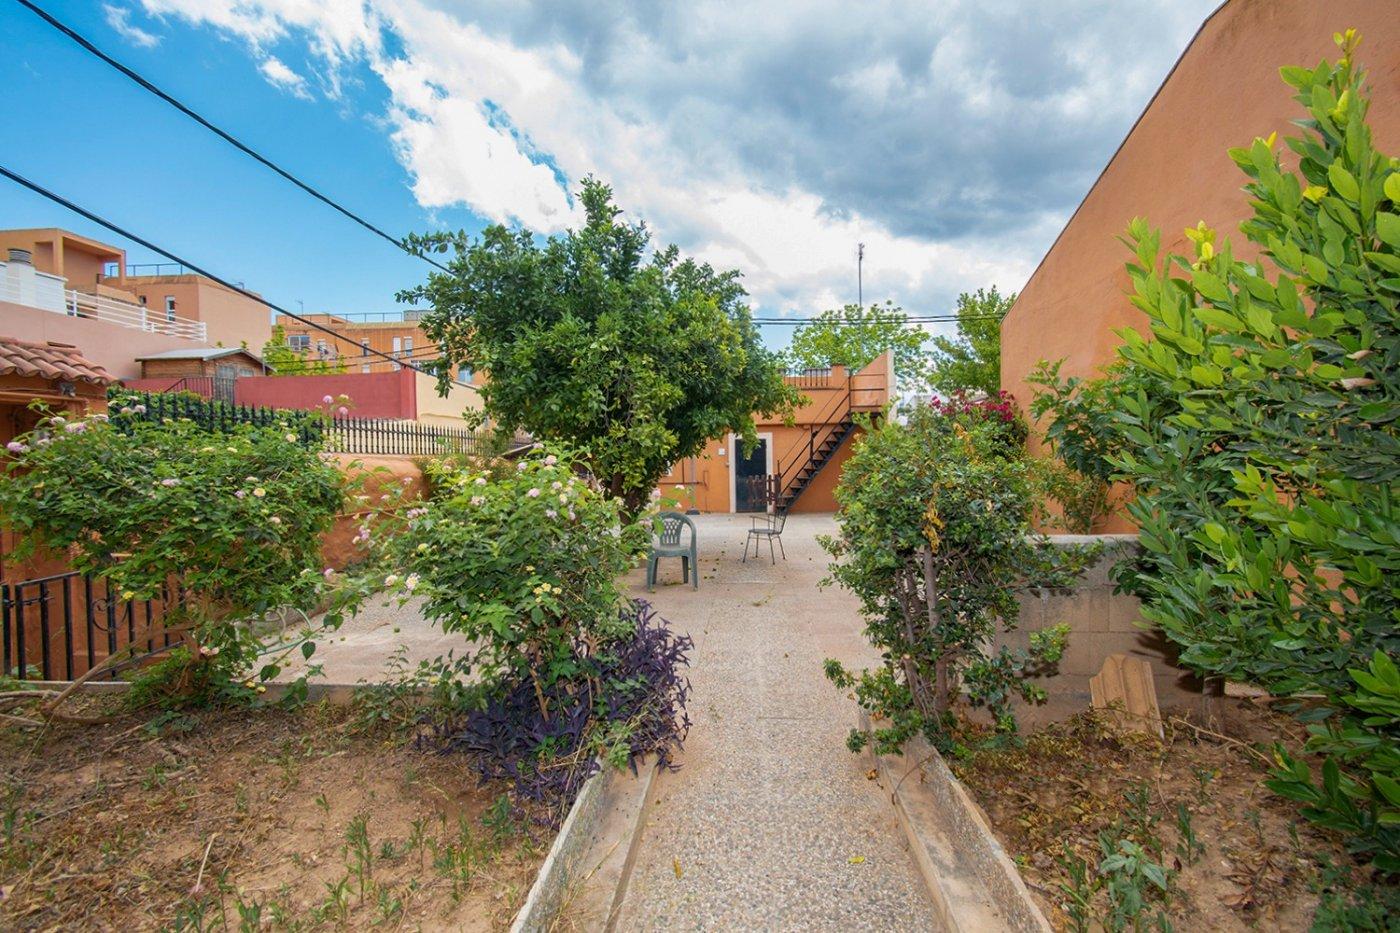 Casa unifamilair con garaje, jardÍn y terraza en la vileta. - imagenInmueble2